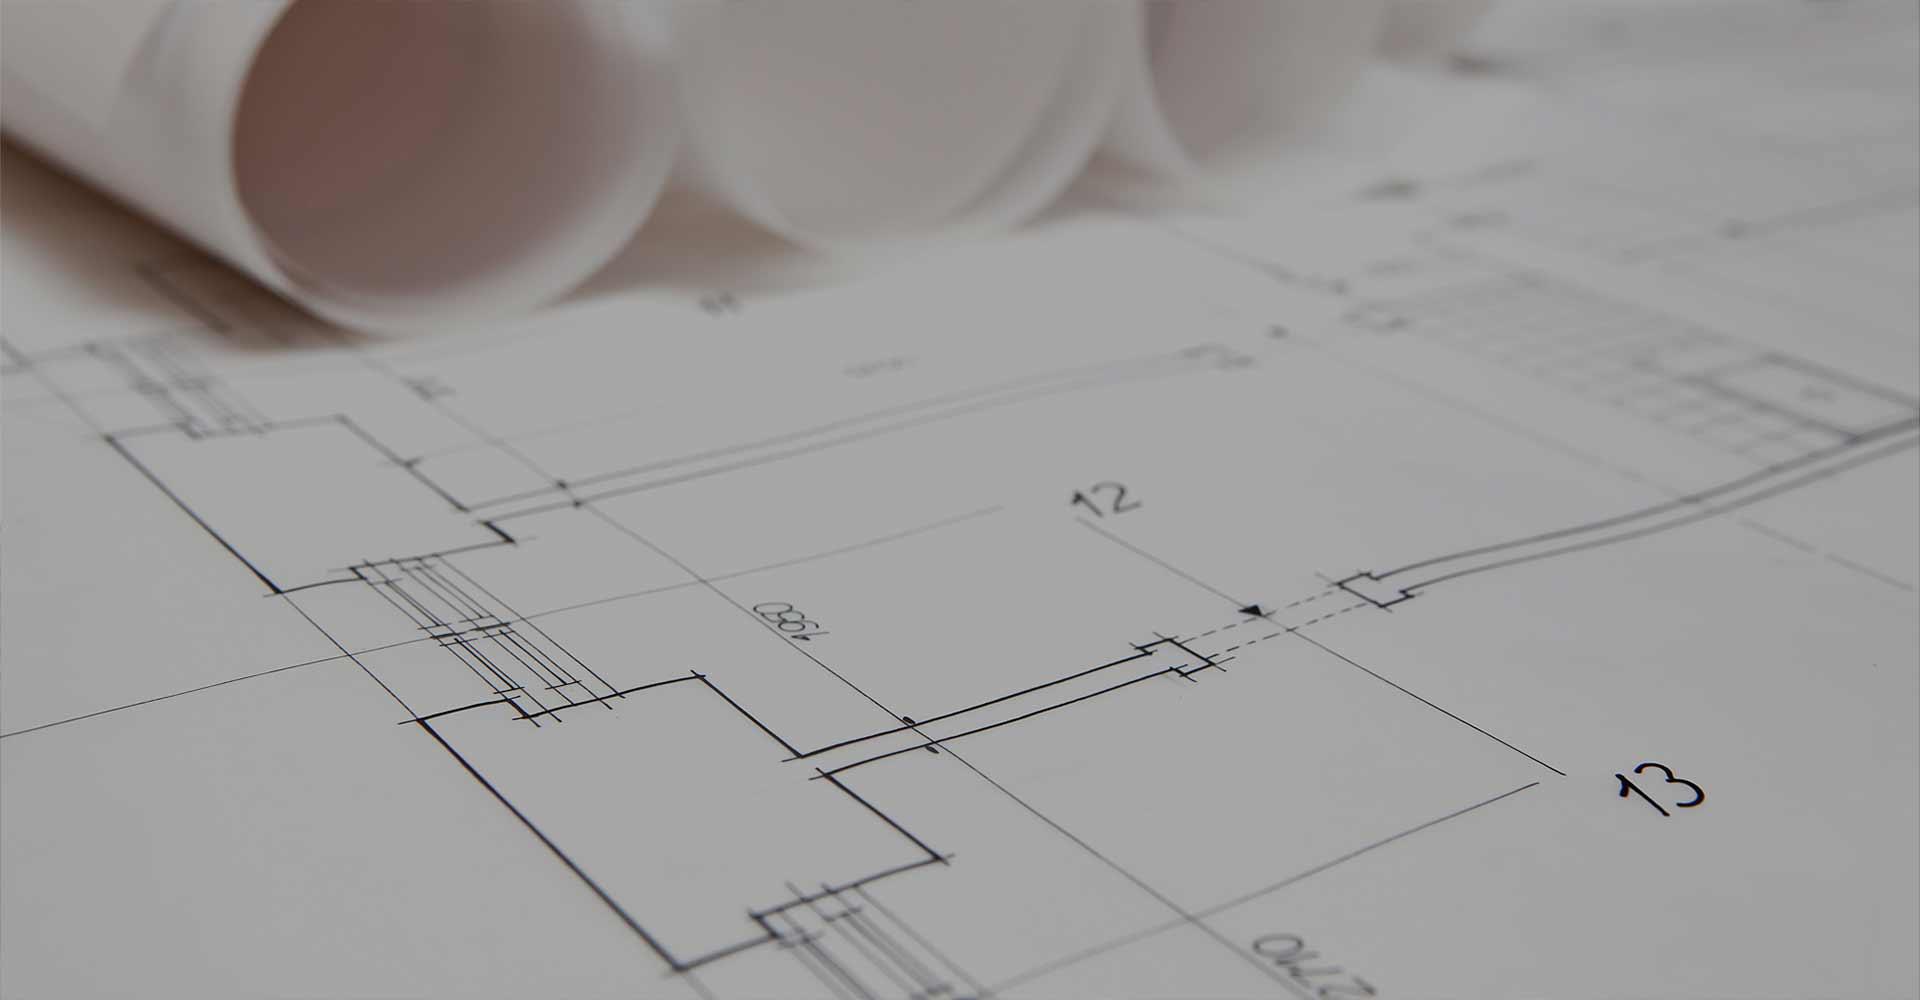 Proyecots de reforma y construcción sobre plano